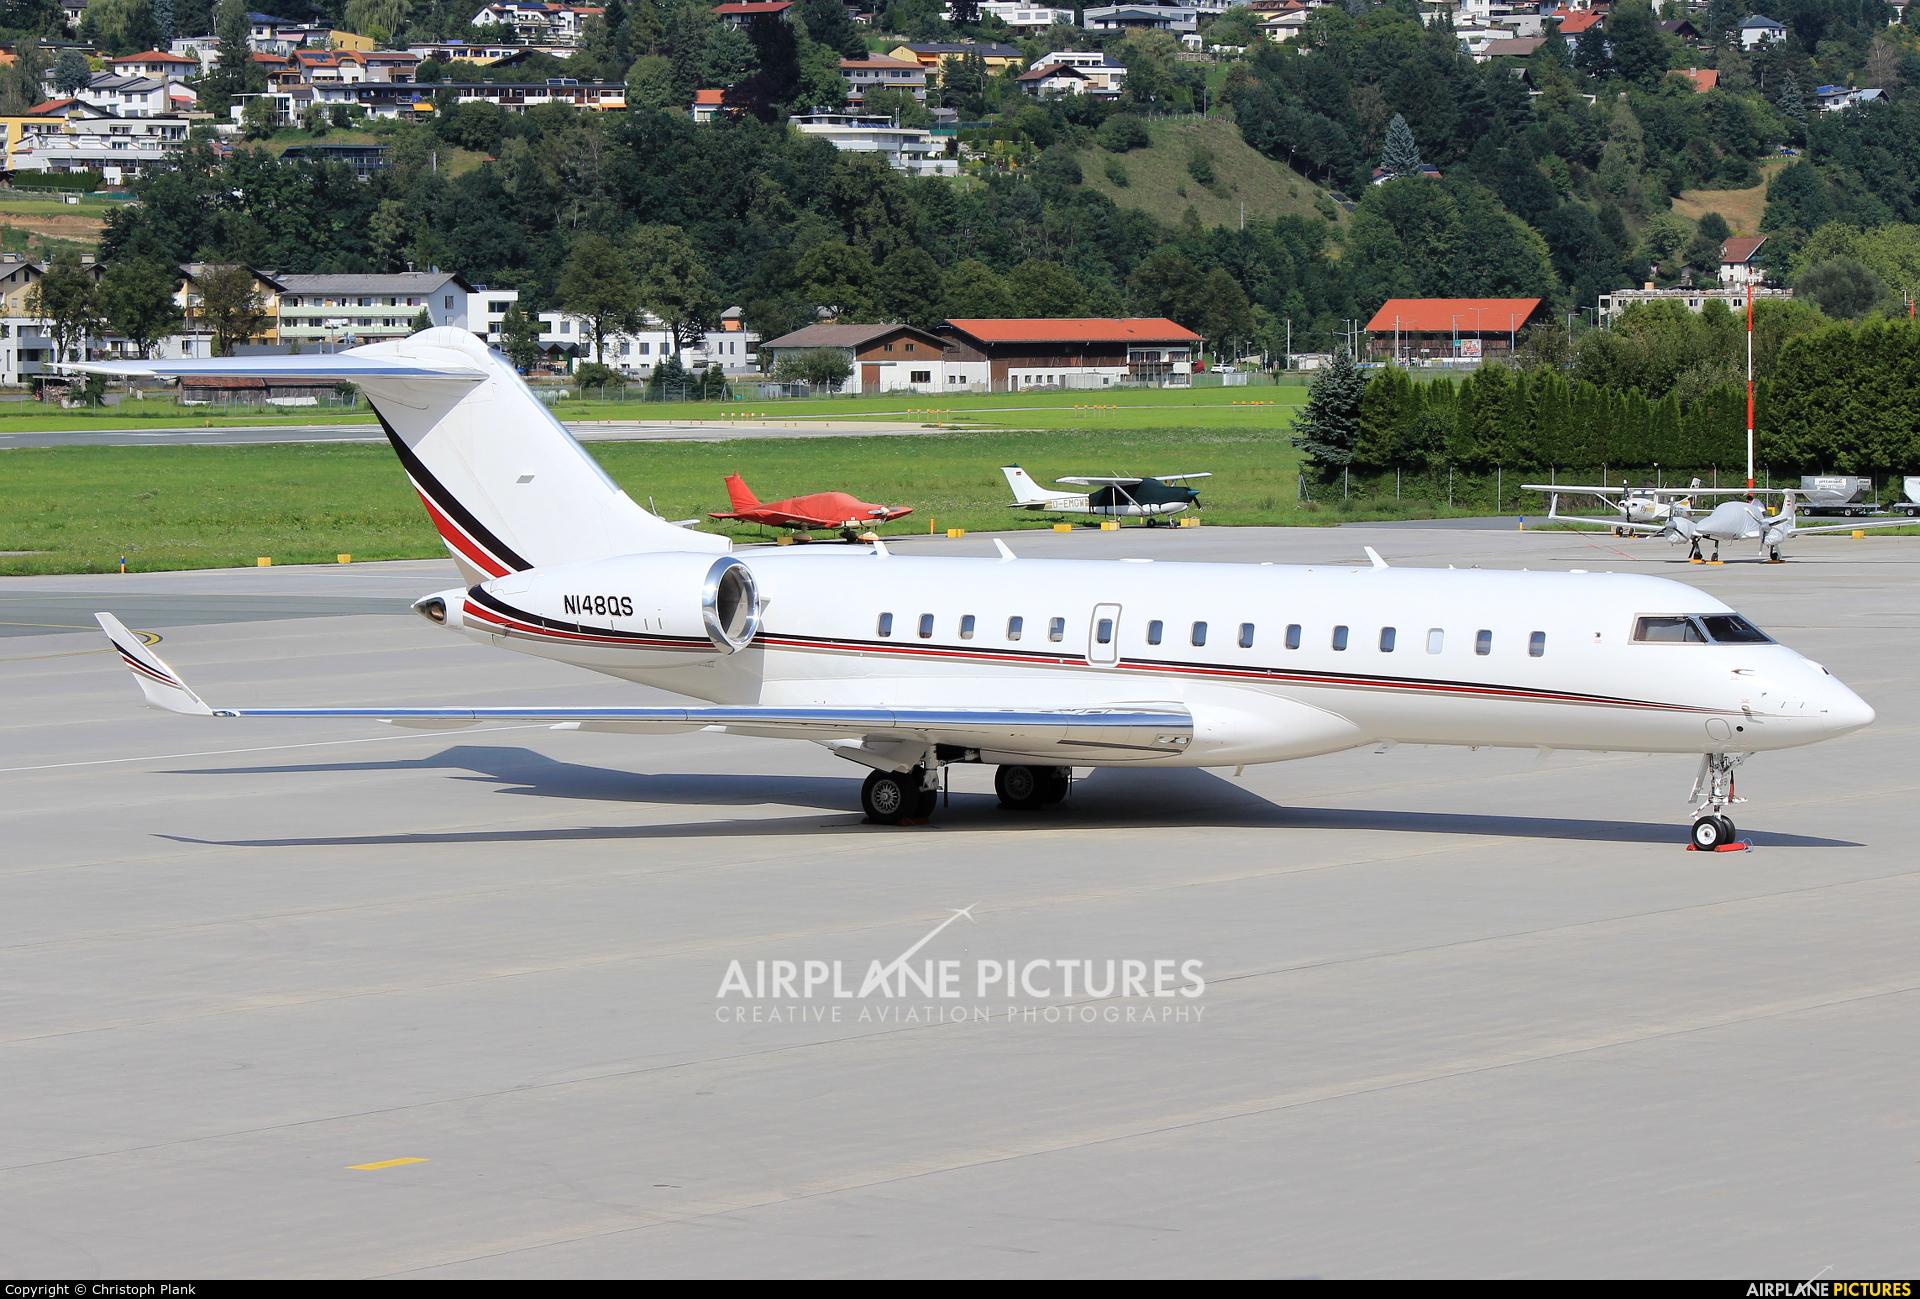 Netjets (USA) N148QS aircraft at Innsbruck